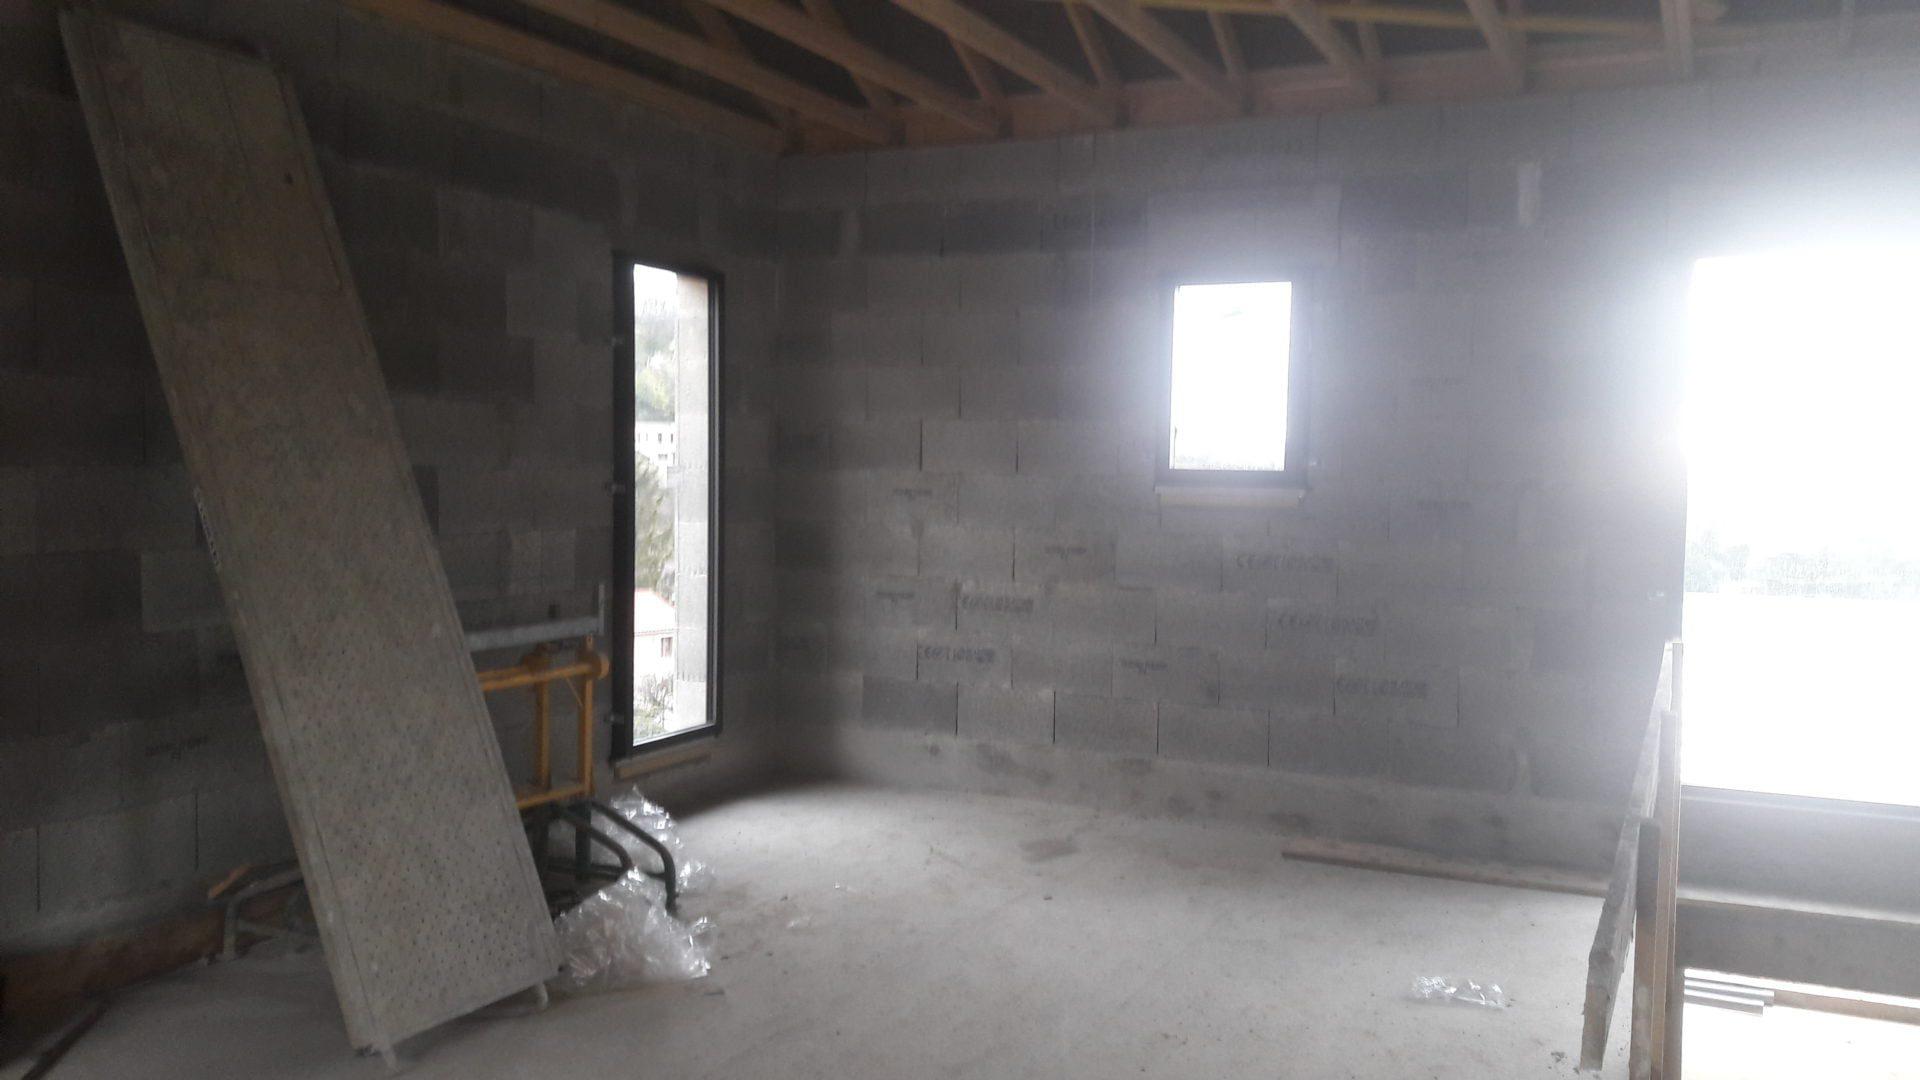 fenetre 1er etage boethic 4